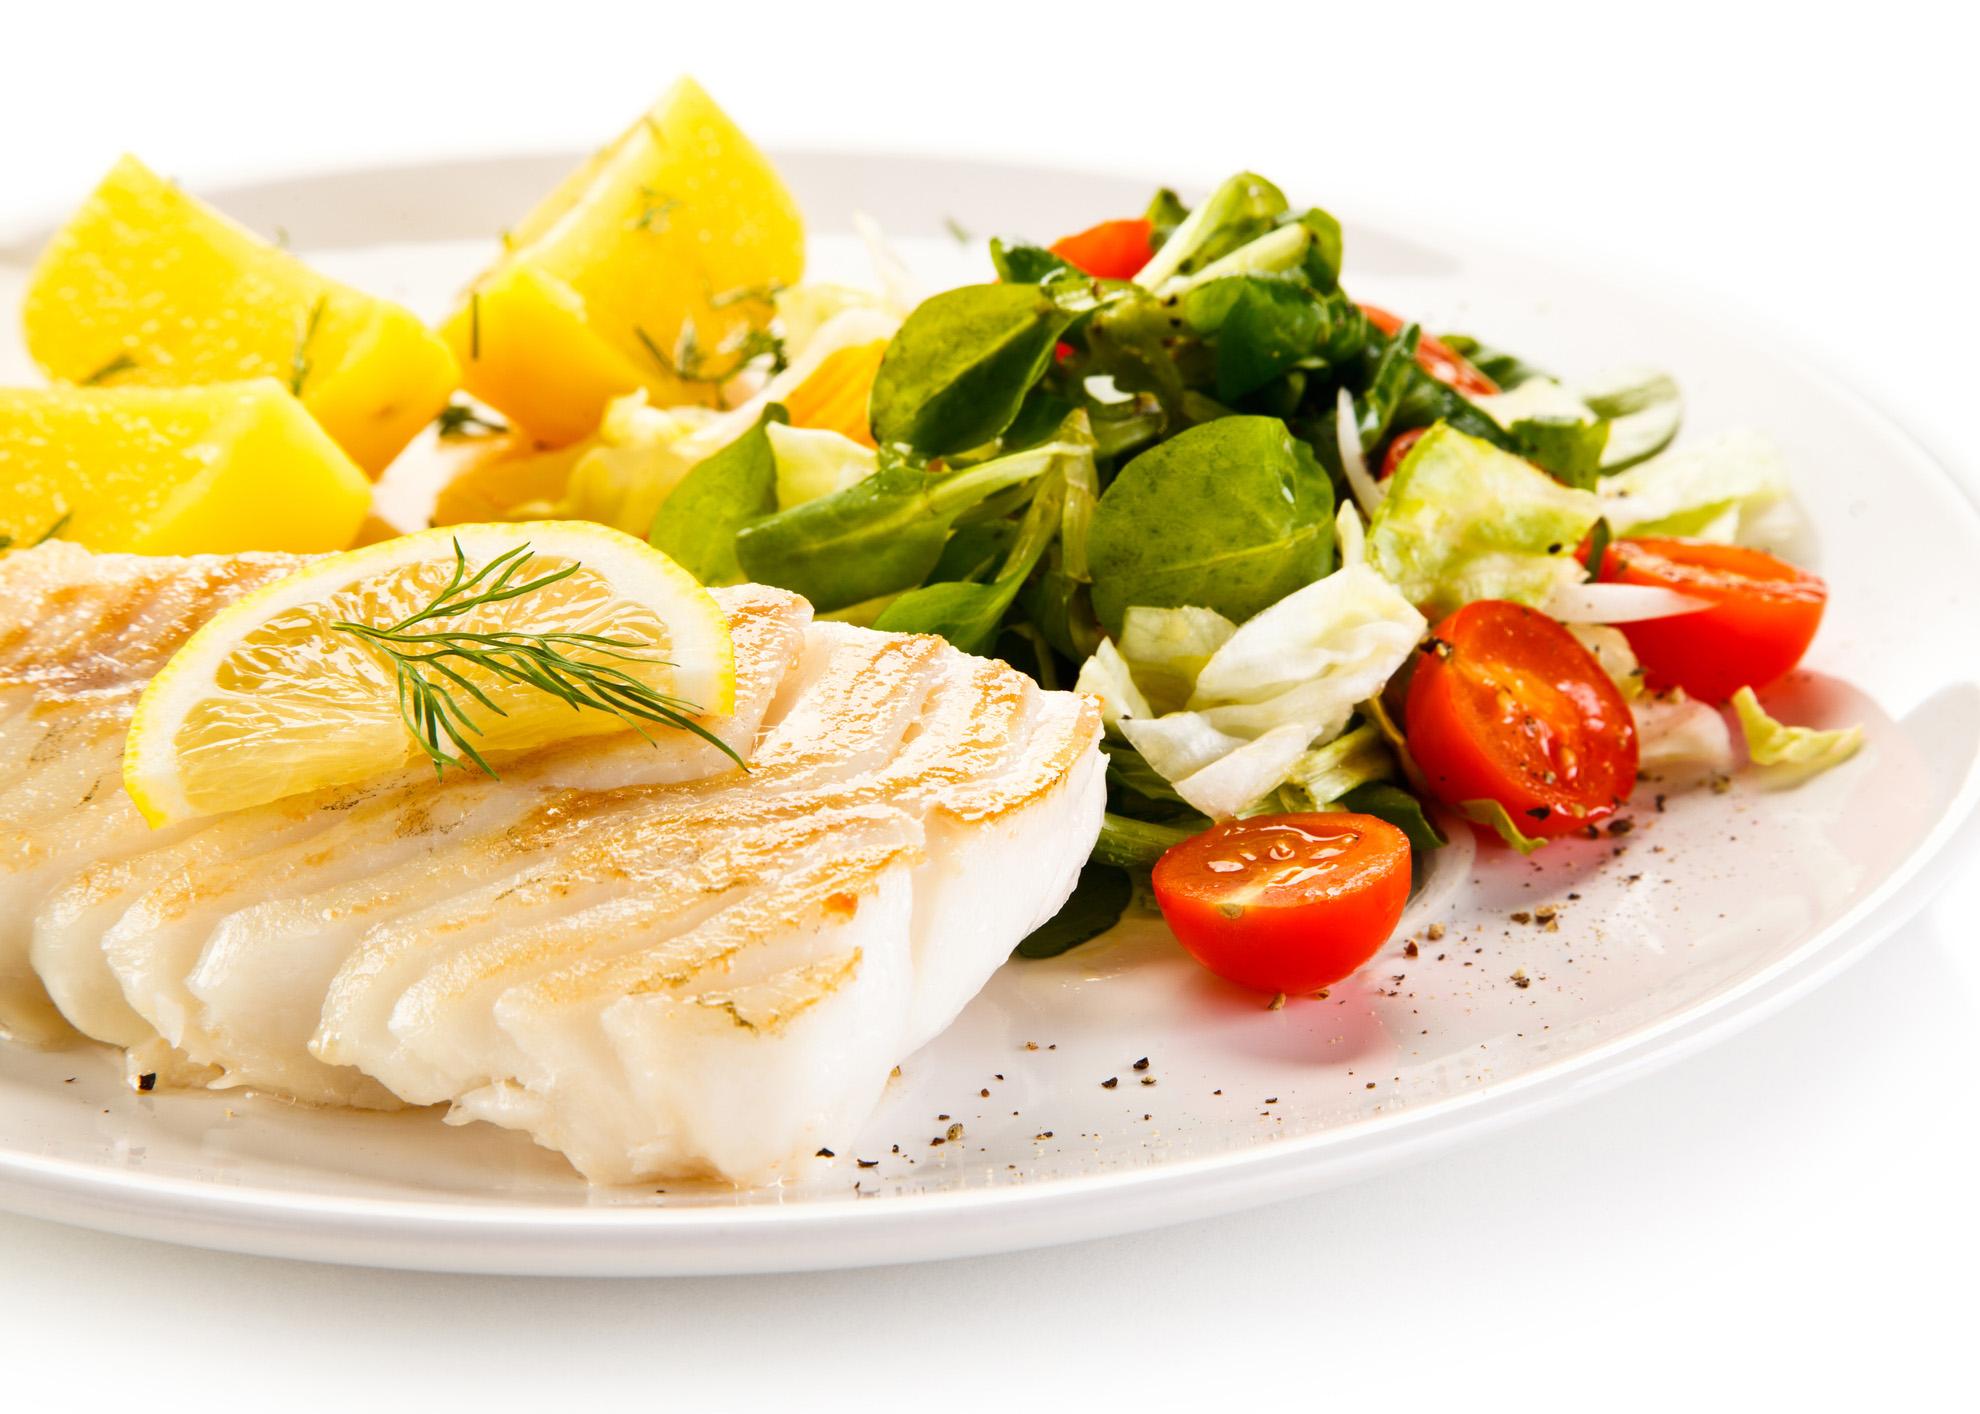 filetes de peixe com salada